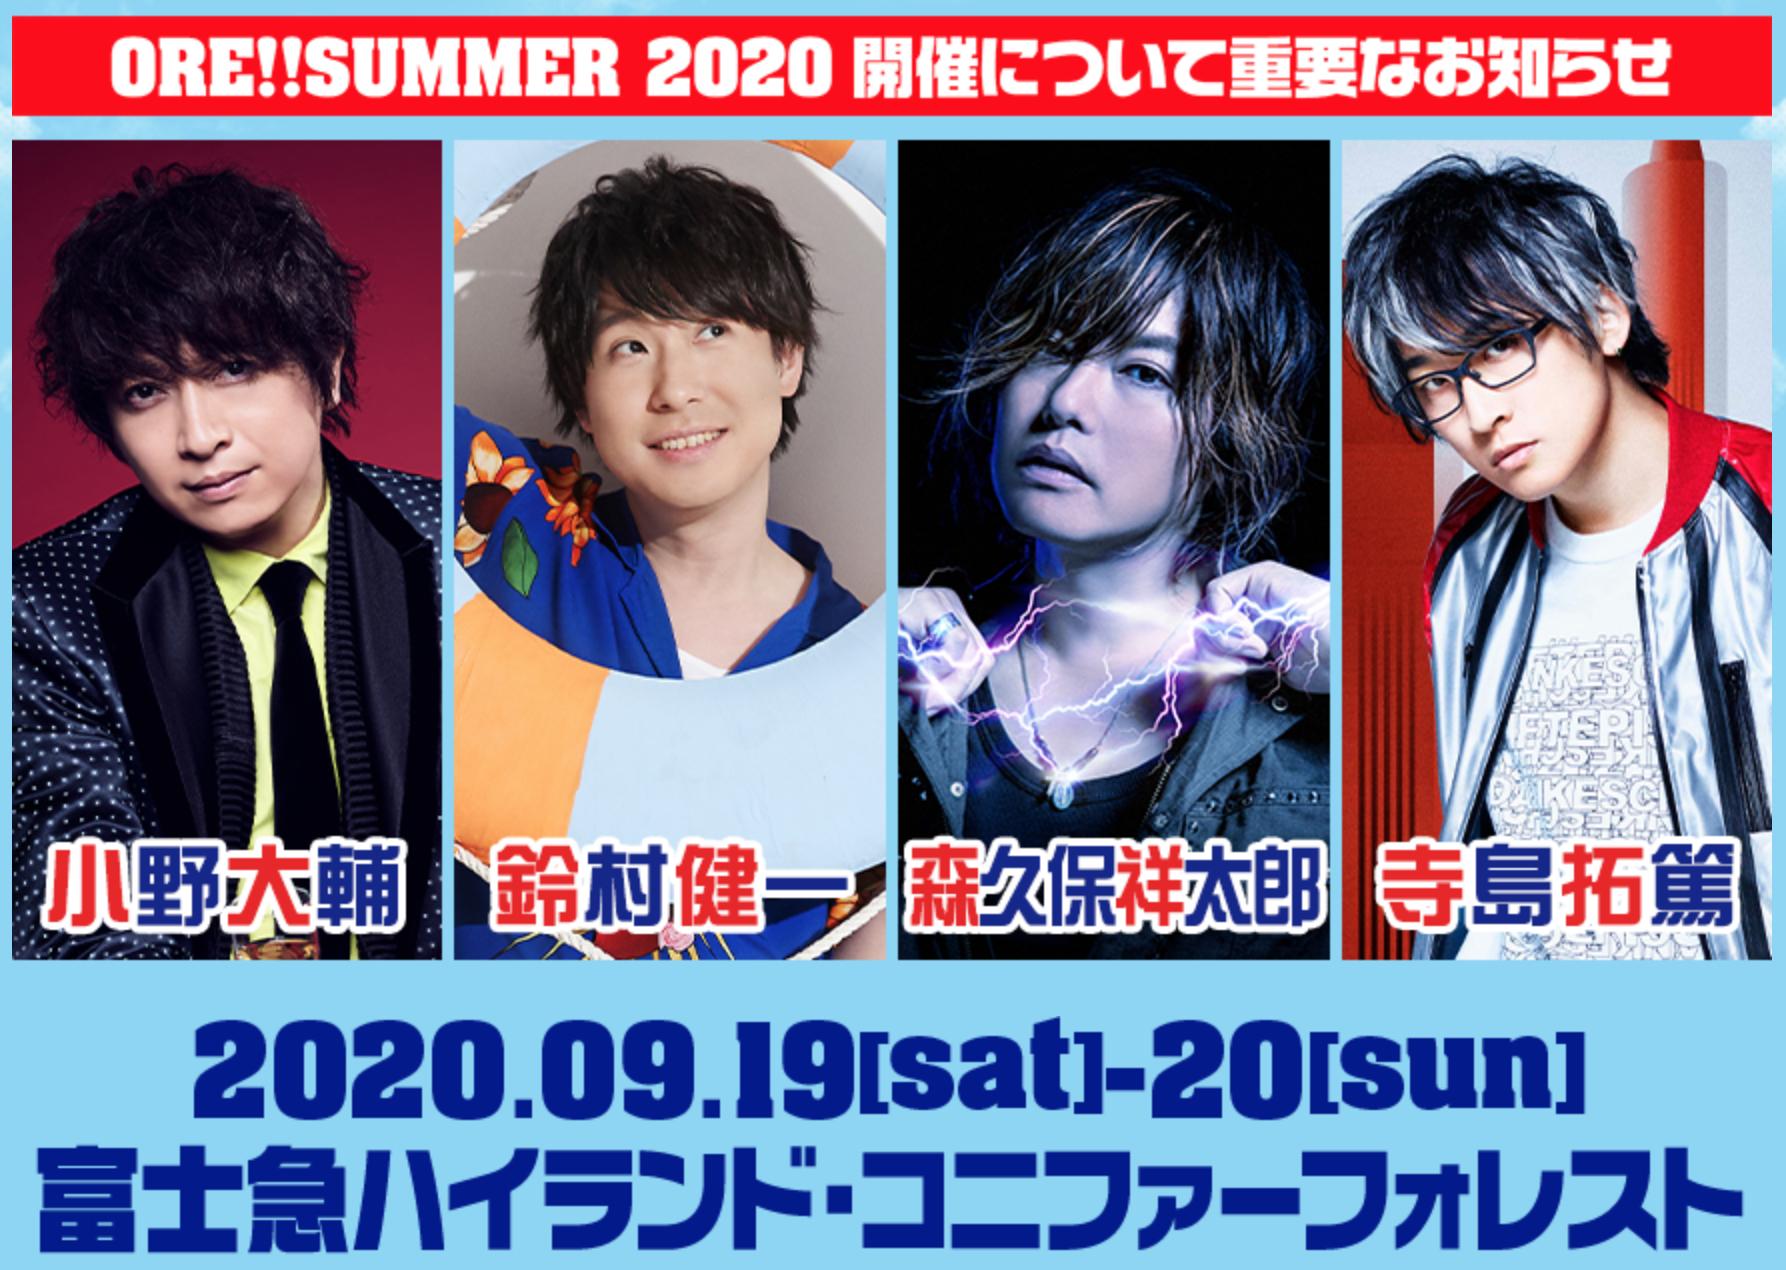 小野大輔さんらおれパラホストによる音楽の祭典「おれサマー2020」無観客有料生配信に変更で開催へ 11組のゲストも全員参加